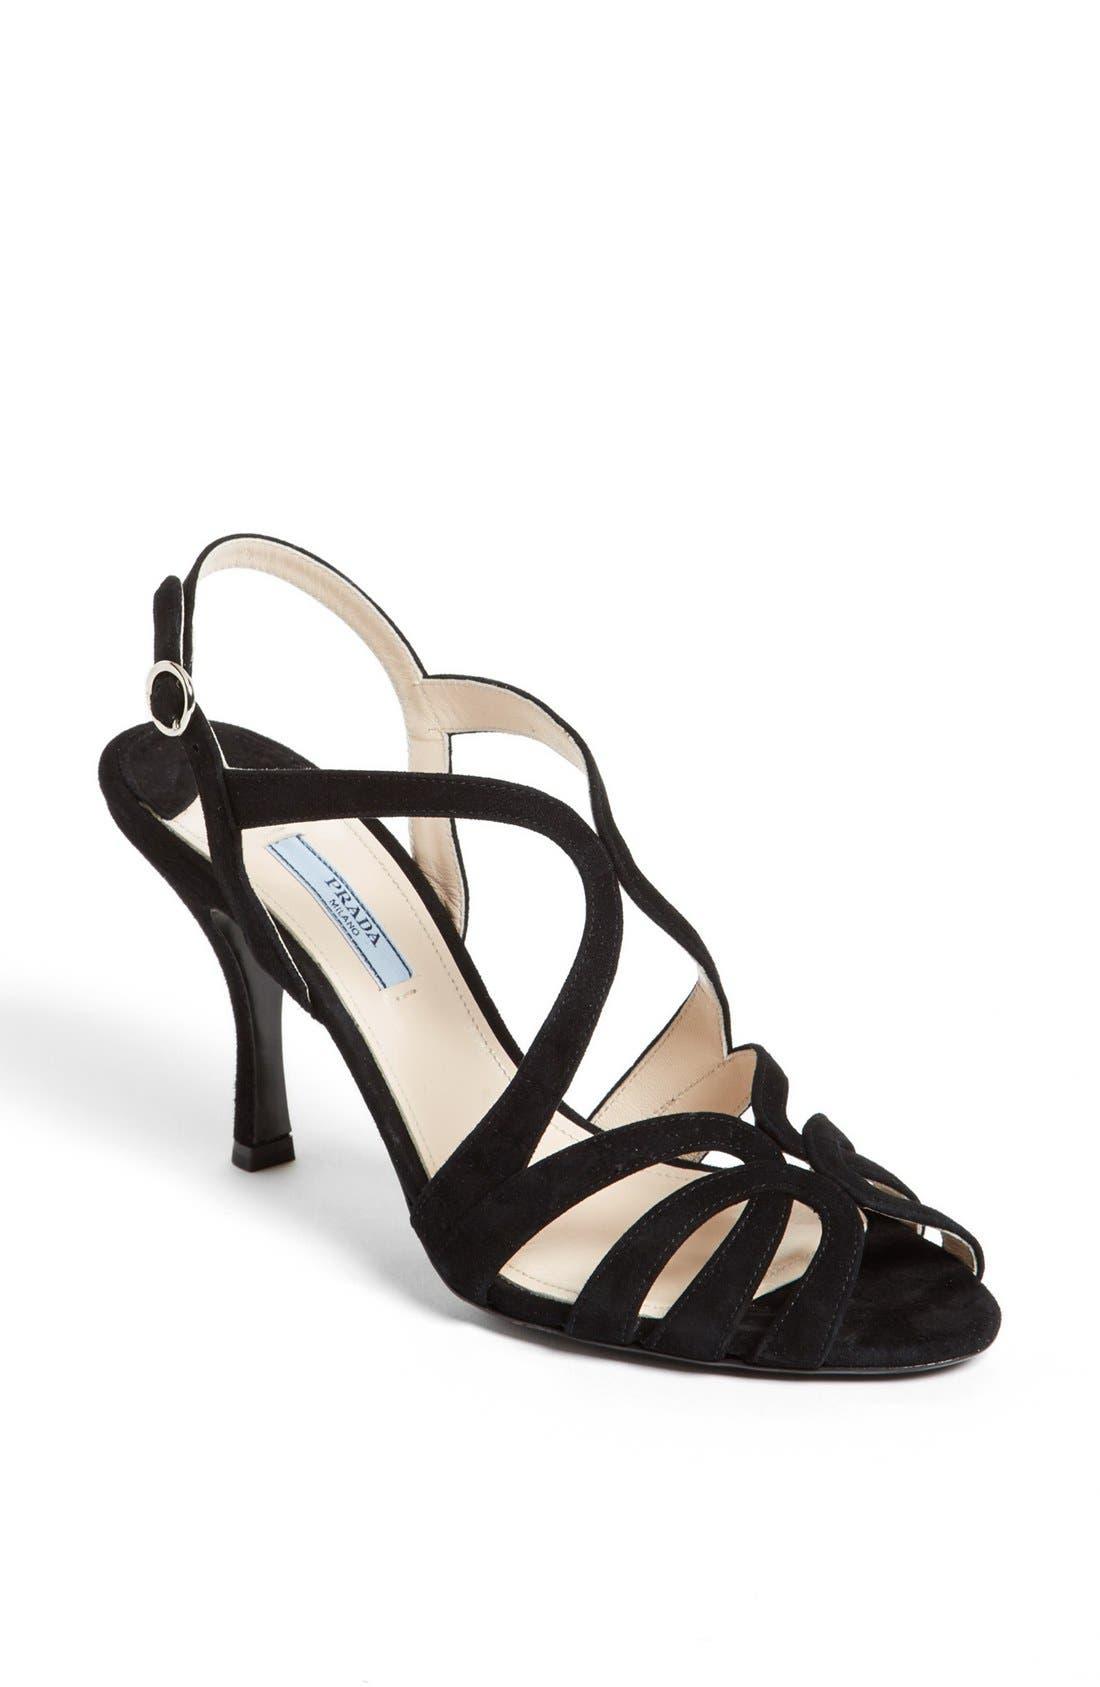 Alternate Image 1 Selected - Prada Strappy Sandal